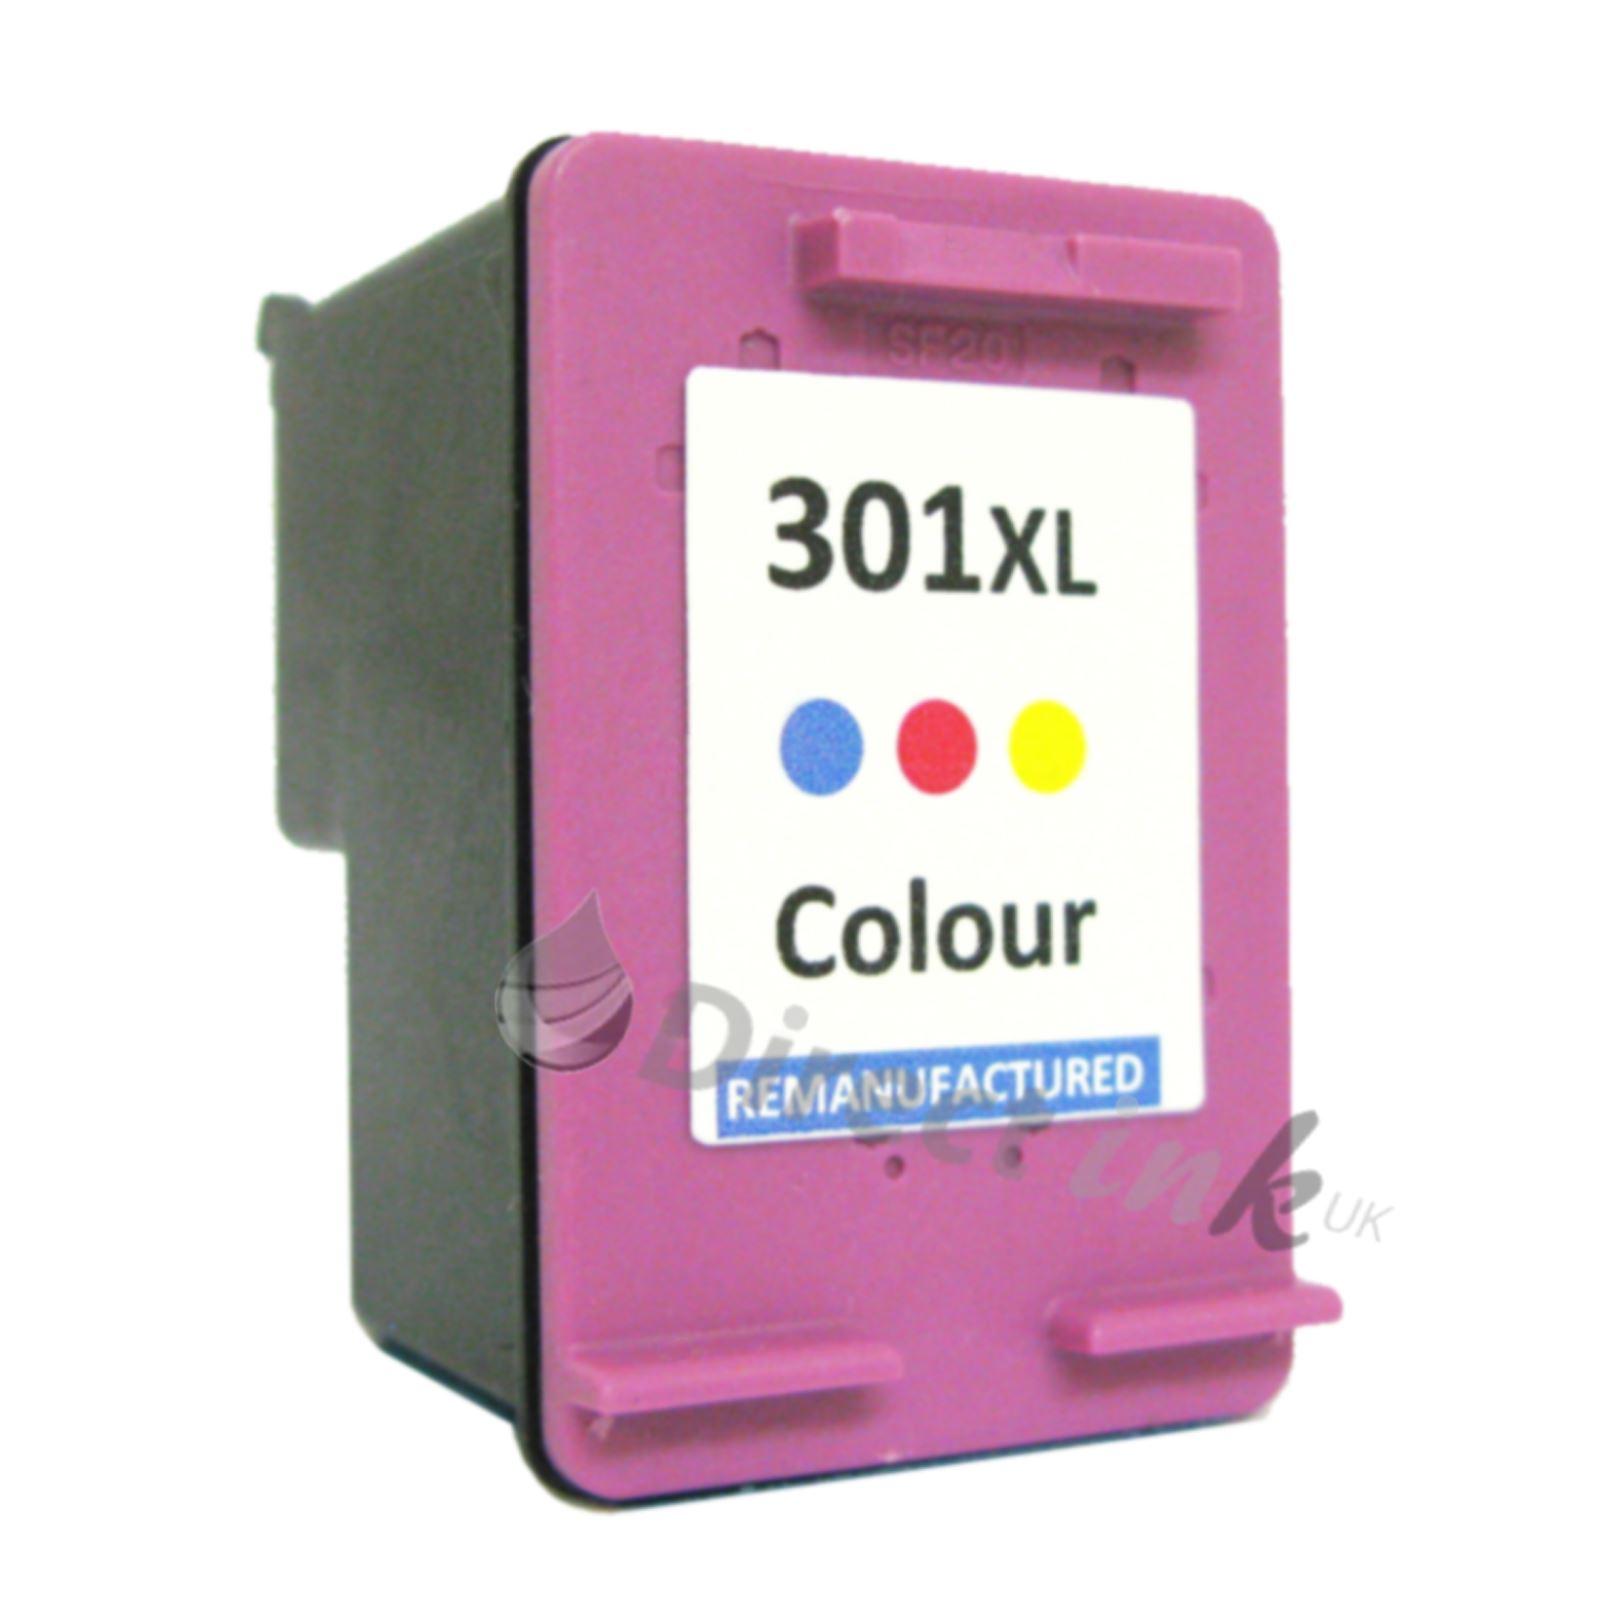 HP 301XL Couleur Cartouche D'Encre Pour Imprimantes Deskjet 3000